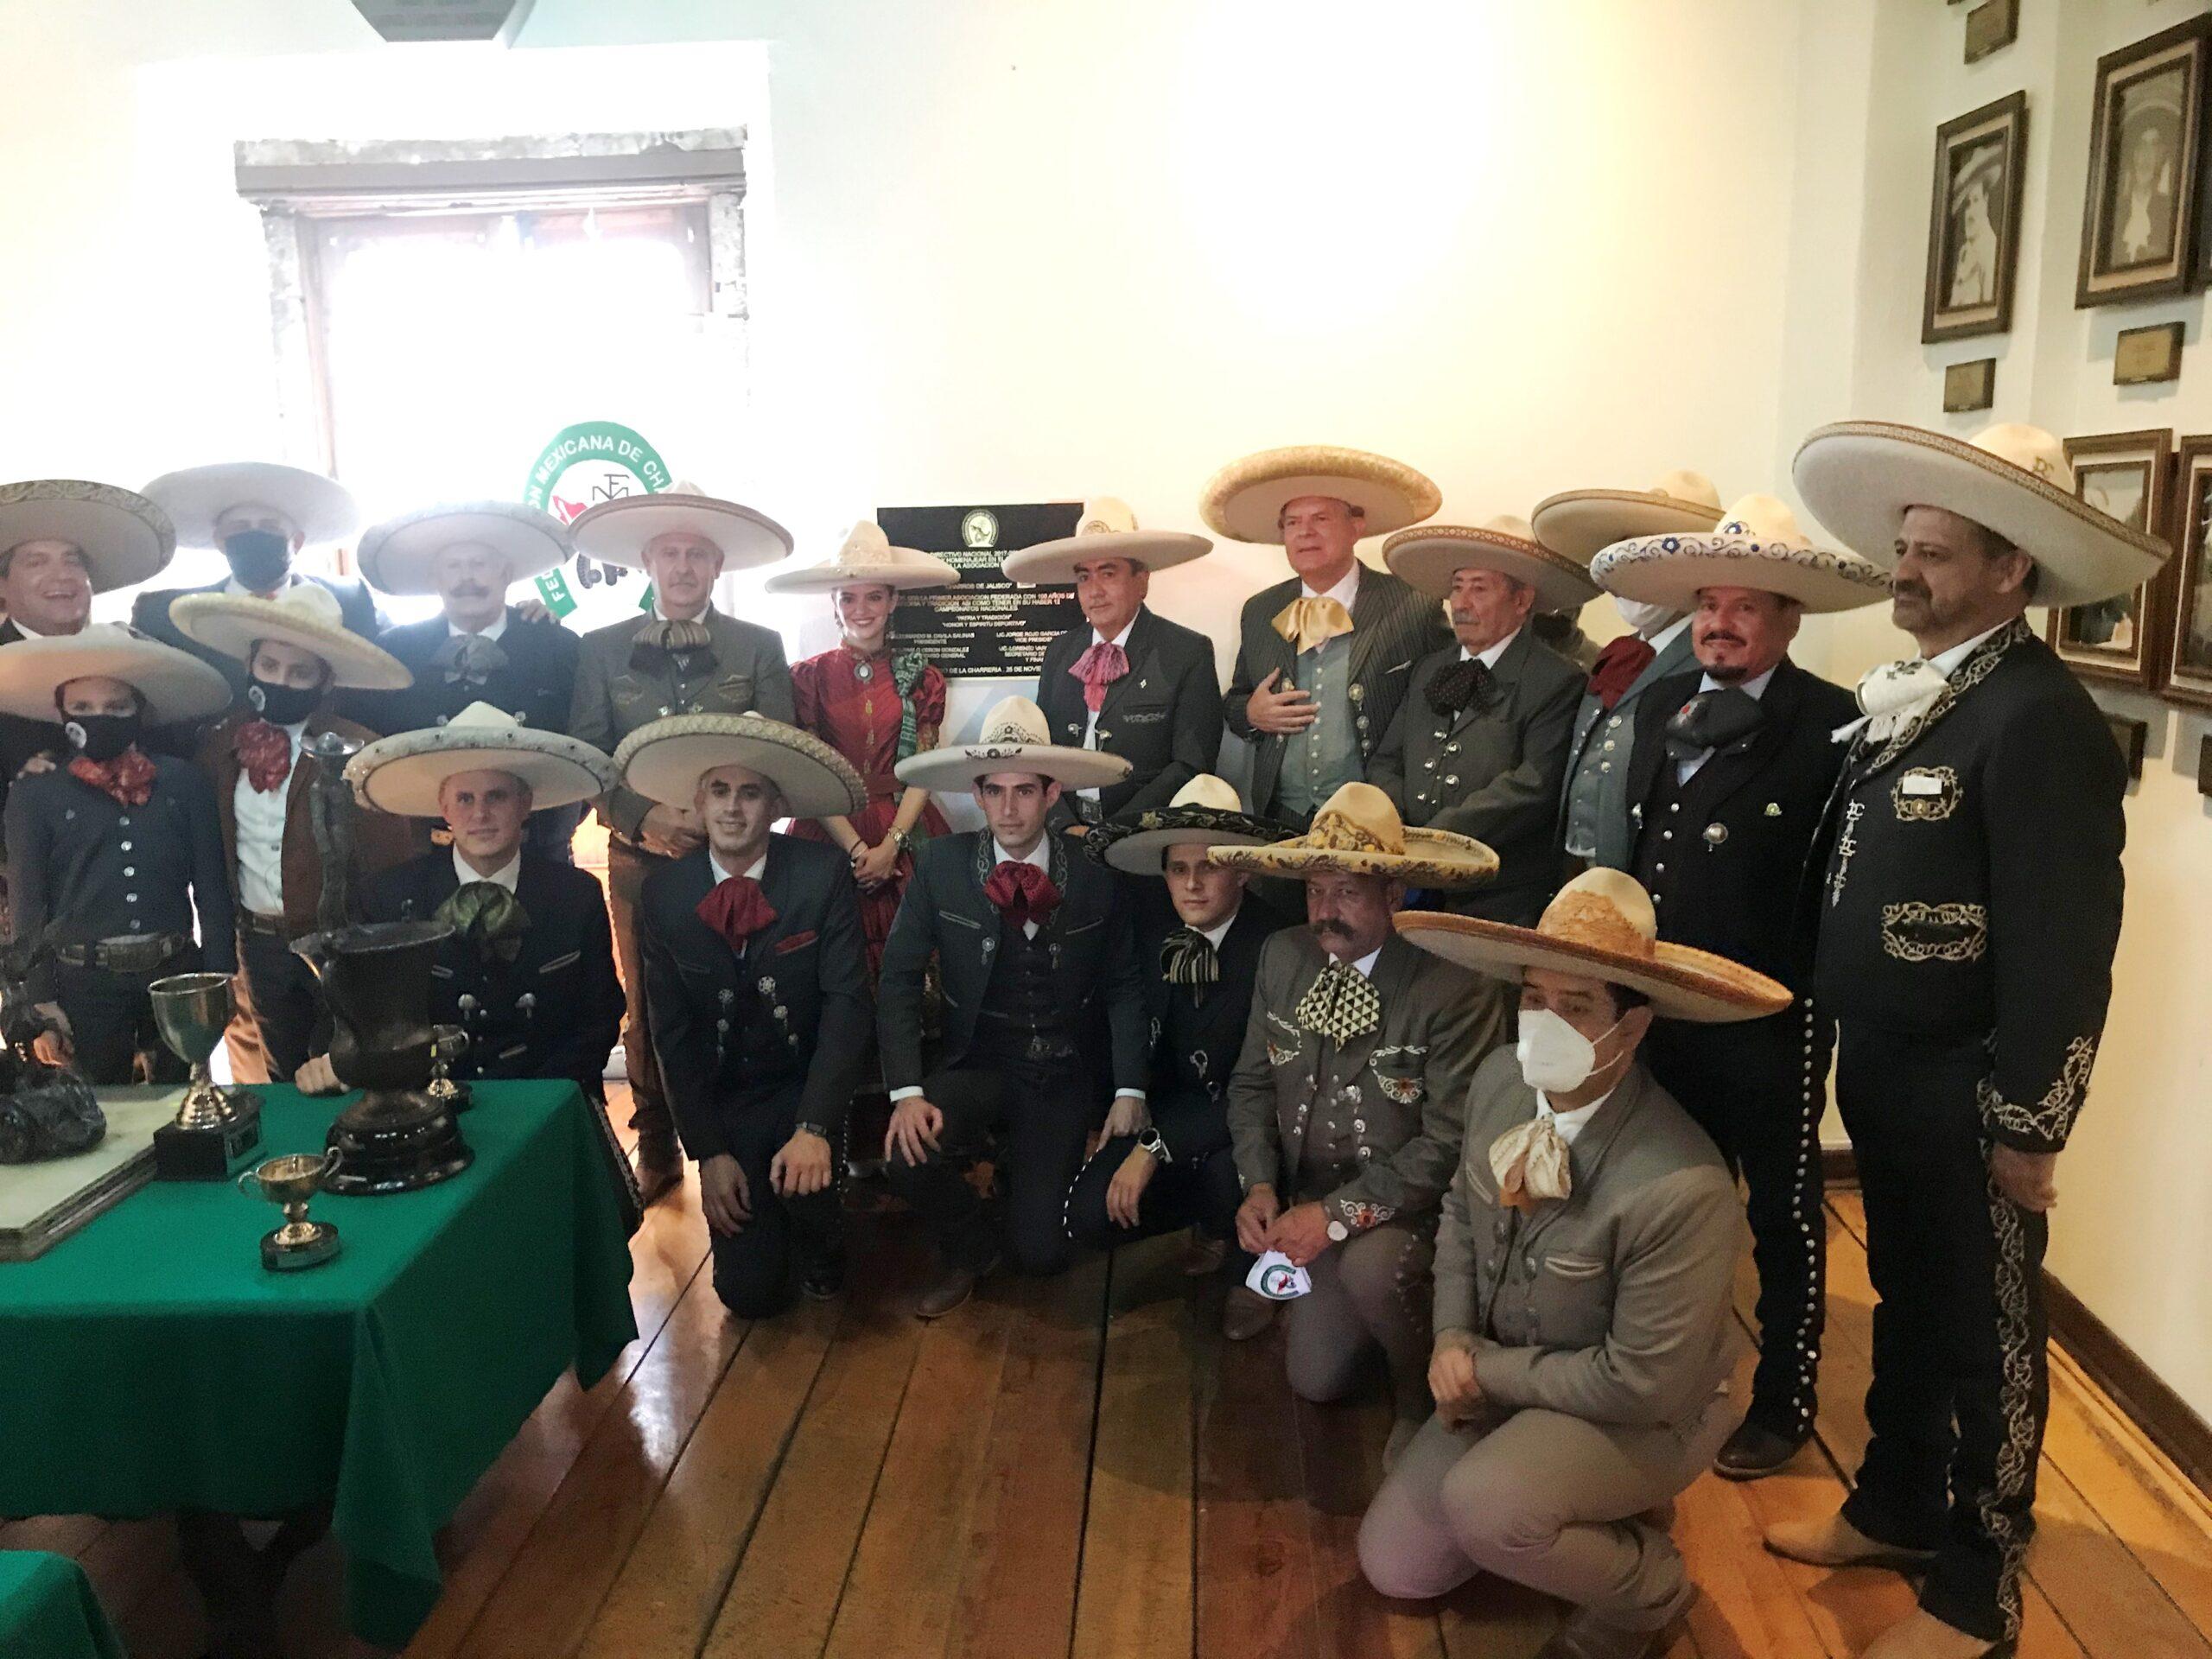 Los Charros de Jalisco que asistieron a la develación de la placa conmemorativa por el centenario de fundación de esa agrupación, colocada en el Salón de la Fama